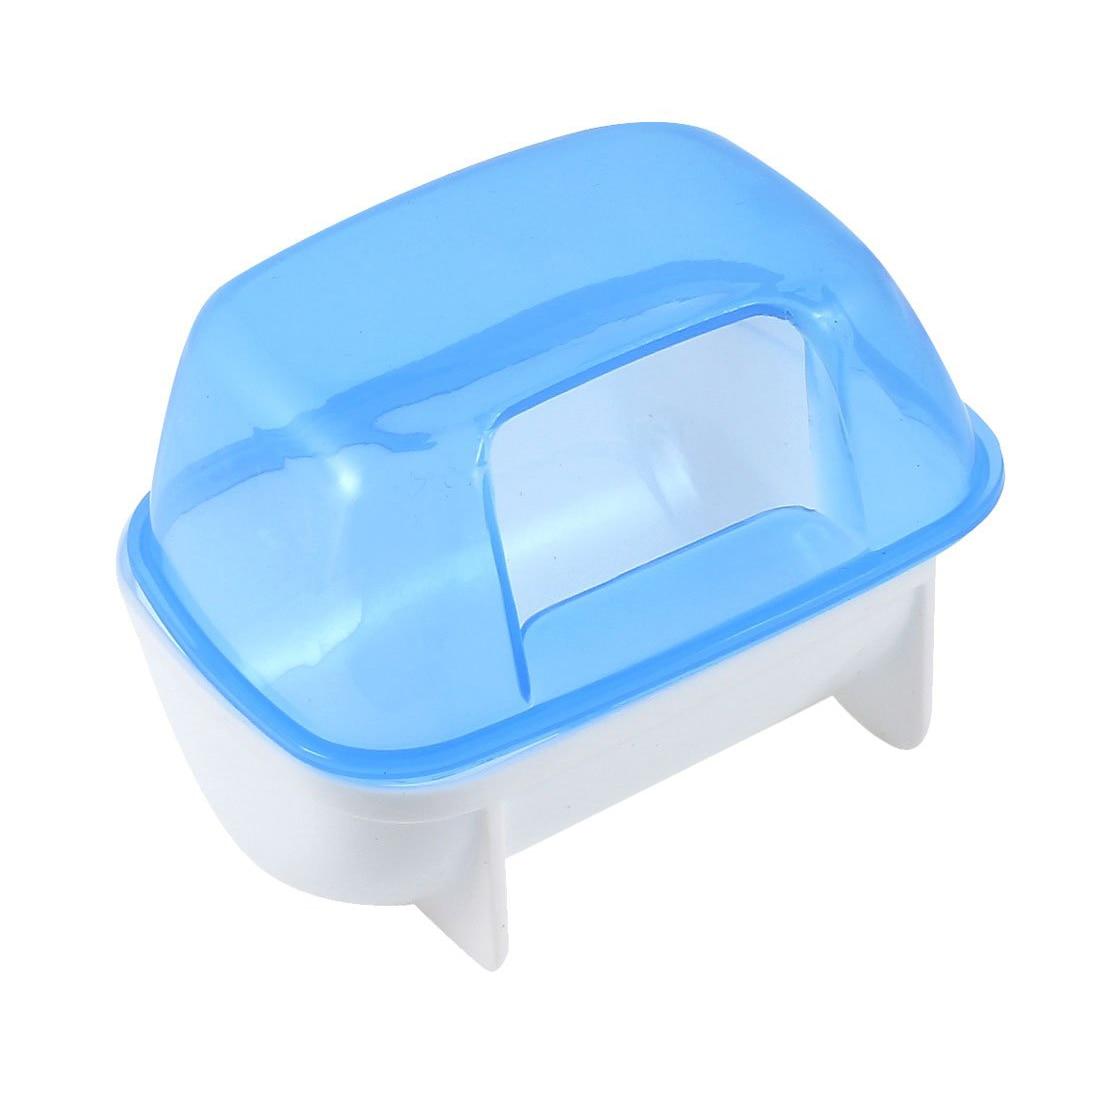 Животное хомяк Ванная комната песок для туалета комната сауна Туалет сине-белые 10 см x 7 см x 7 см